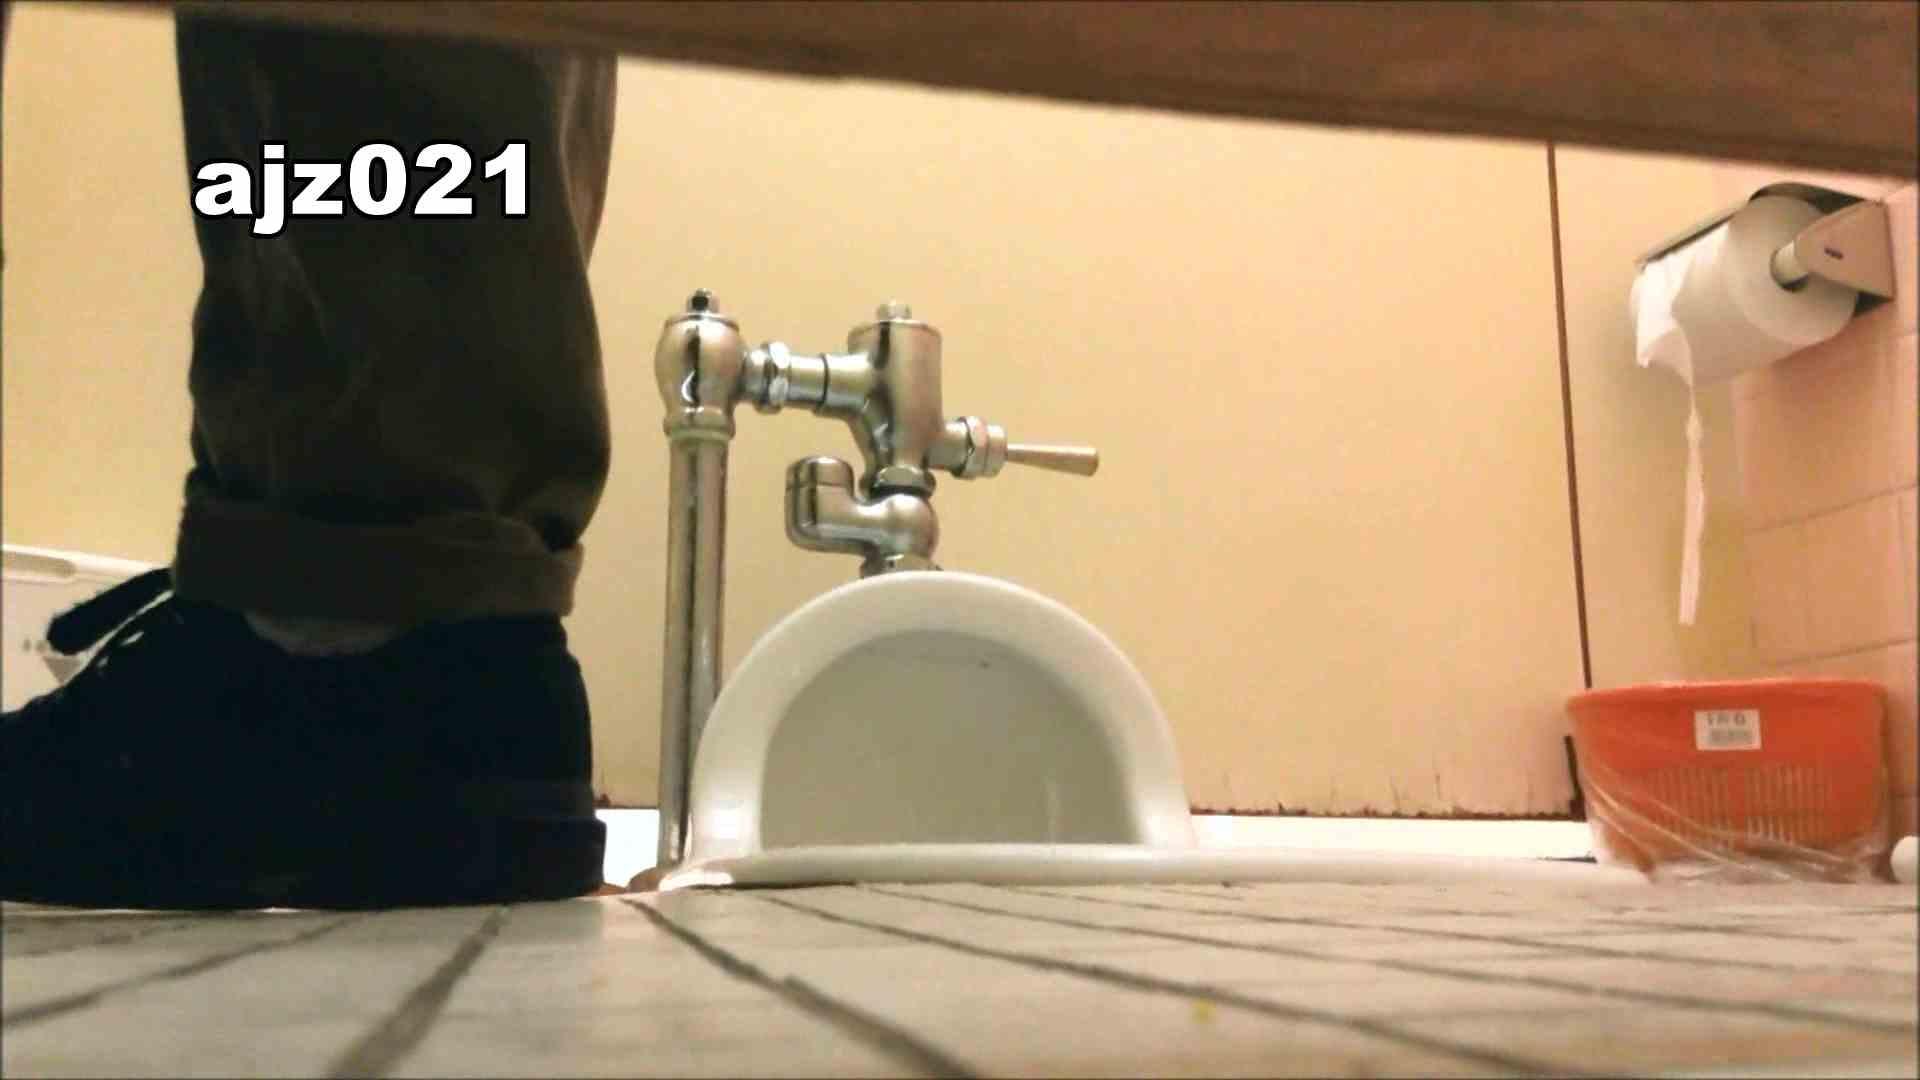 某有名大学女性洗面所 vol.21 排泄 すけべAV動画紹介 100画像 47